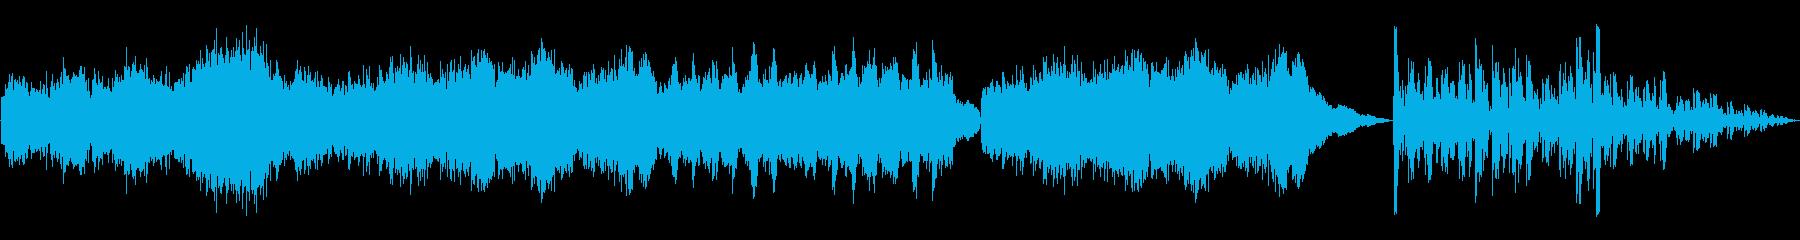 怪しげな雰囲気のピアノソロの再生済みの波形